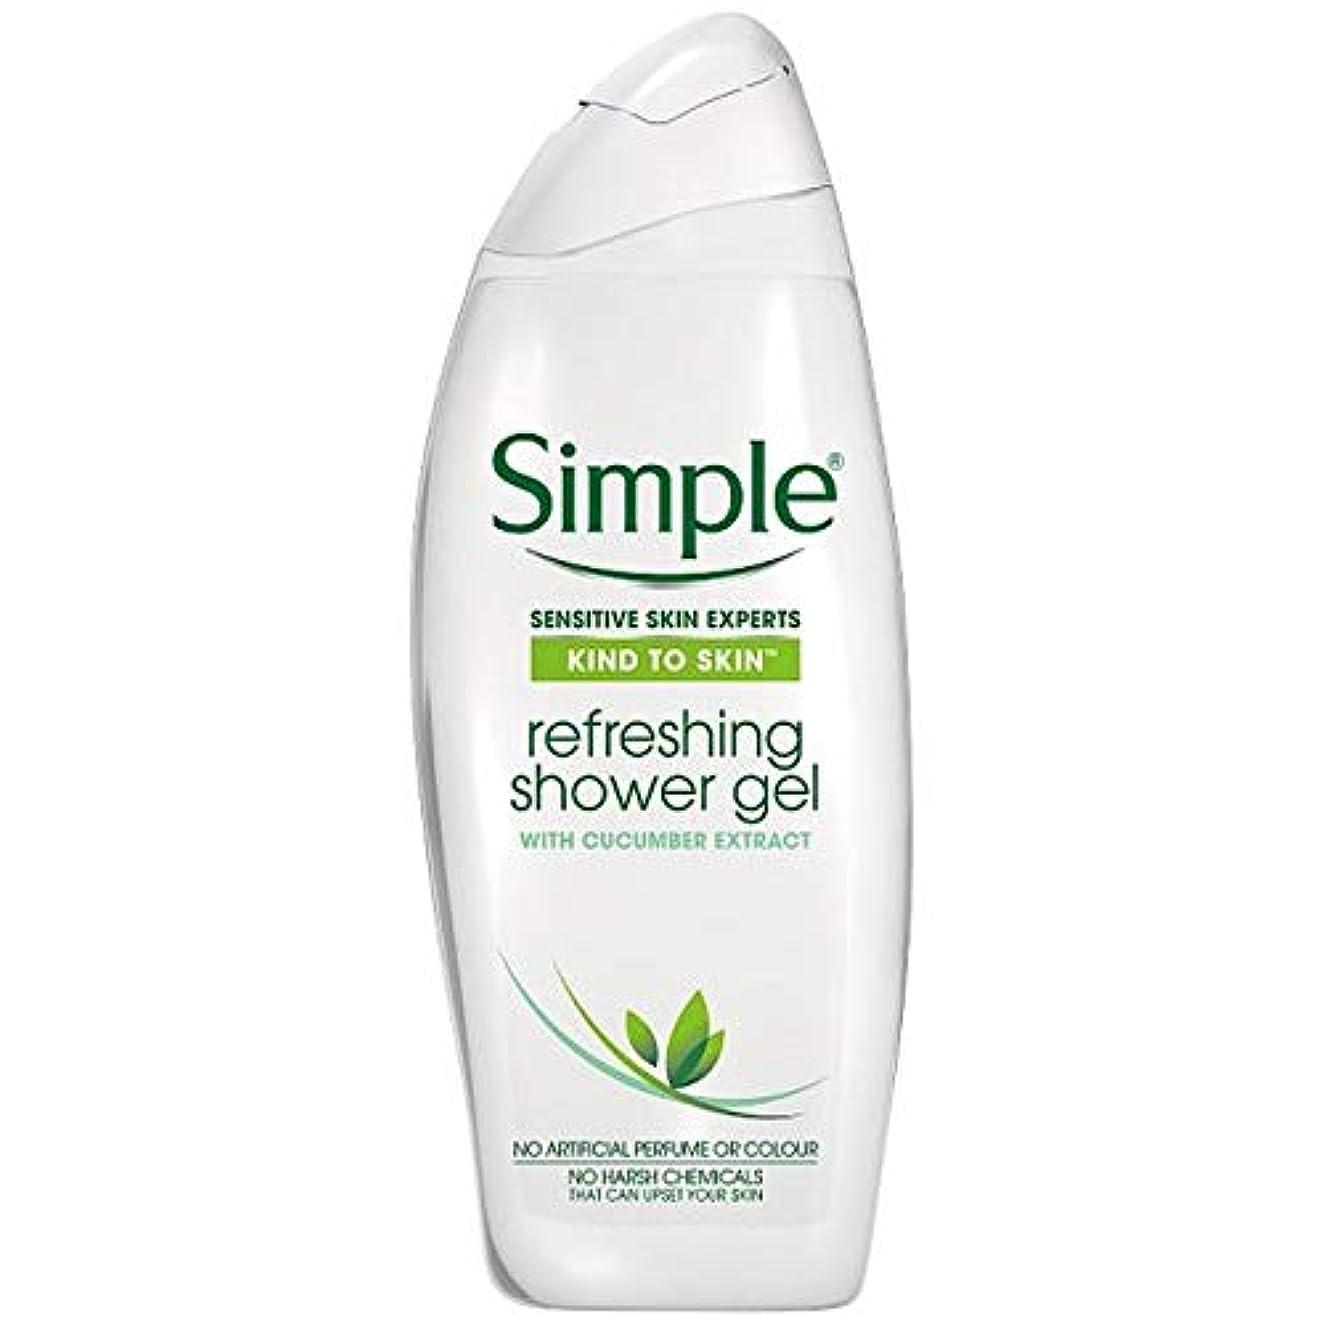 どう?知性緩める[Simple] 皮膚さわやかなシャワージェル500ミリリットルに、単純な種類 - Simple Kind To Skin Refreshing Shower Gel 500Ml [並行輸入品]